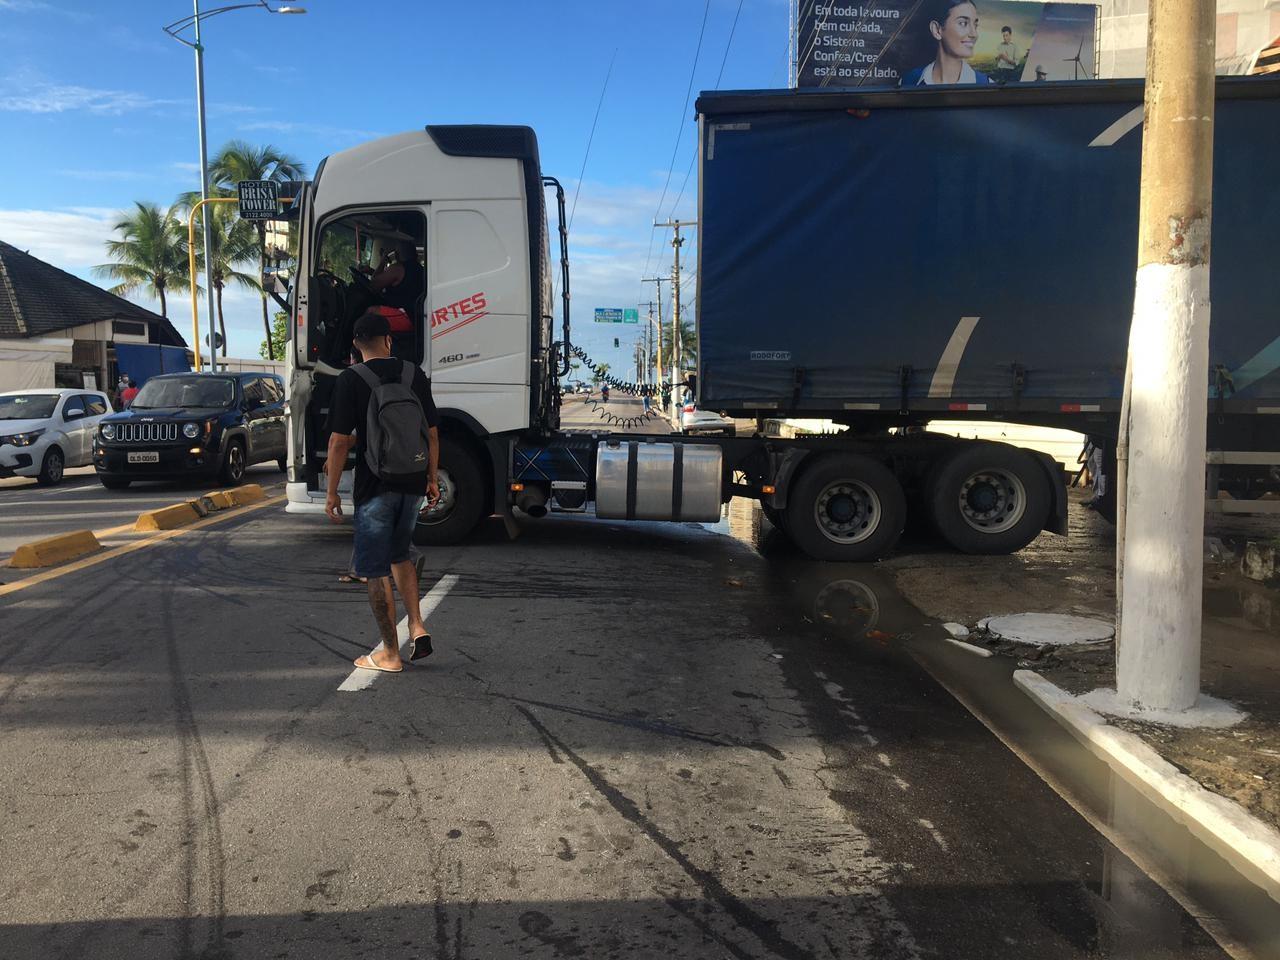 Carreta quebra e trânsito fica congestionado na Av. Álvaro Otacílio, em Maceió